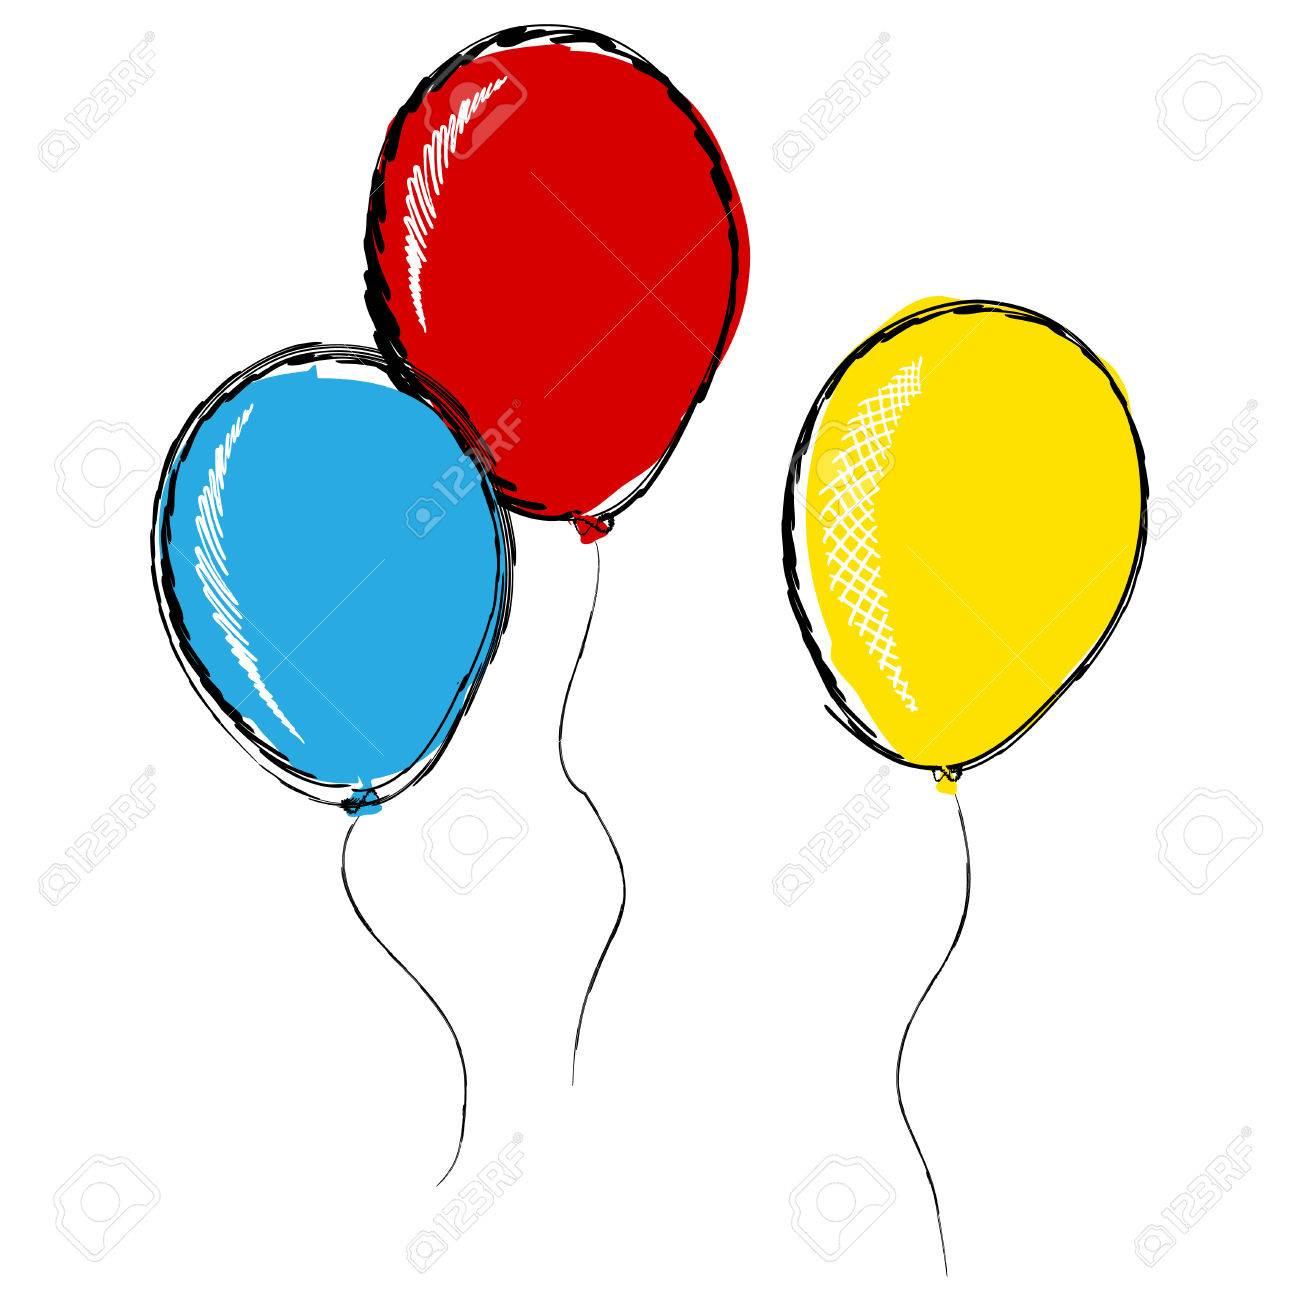 Trois Ballons Gonflables Dans Le Style De Dessin Au Crayon Isole